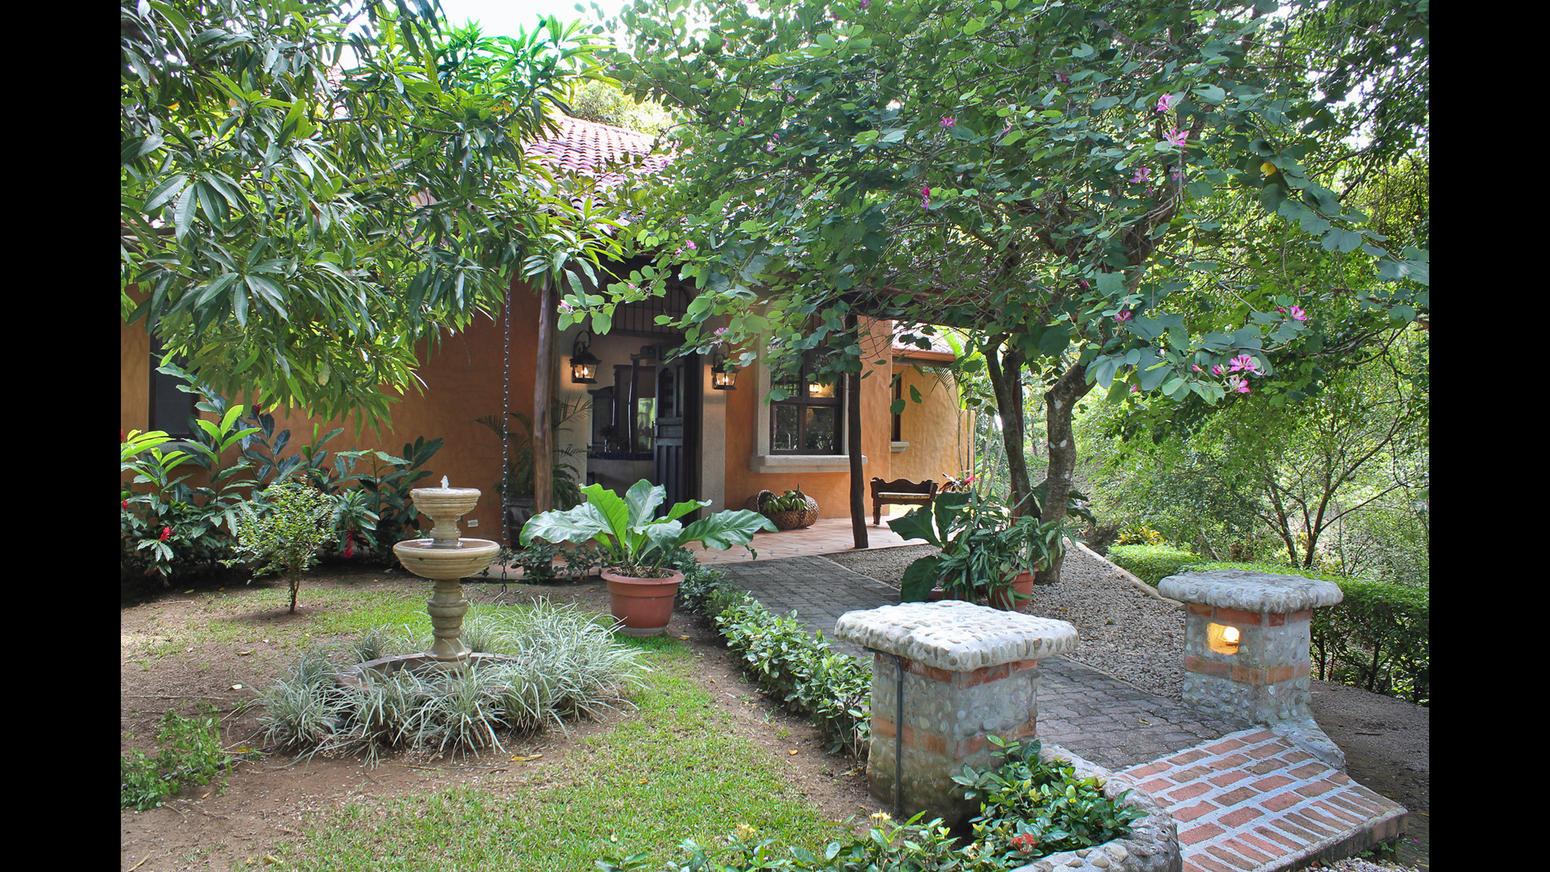 In vendita la villa nella giungla del costa rica di mel gibson for Belle case arredate